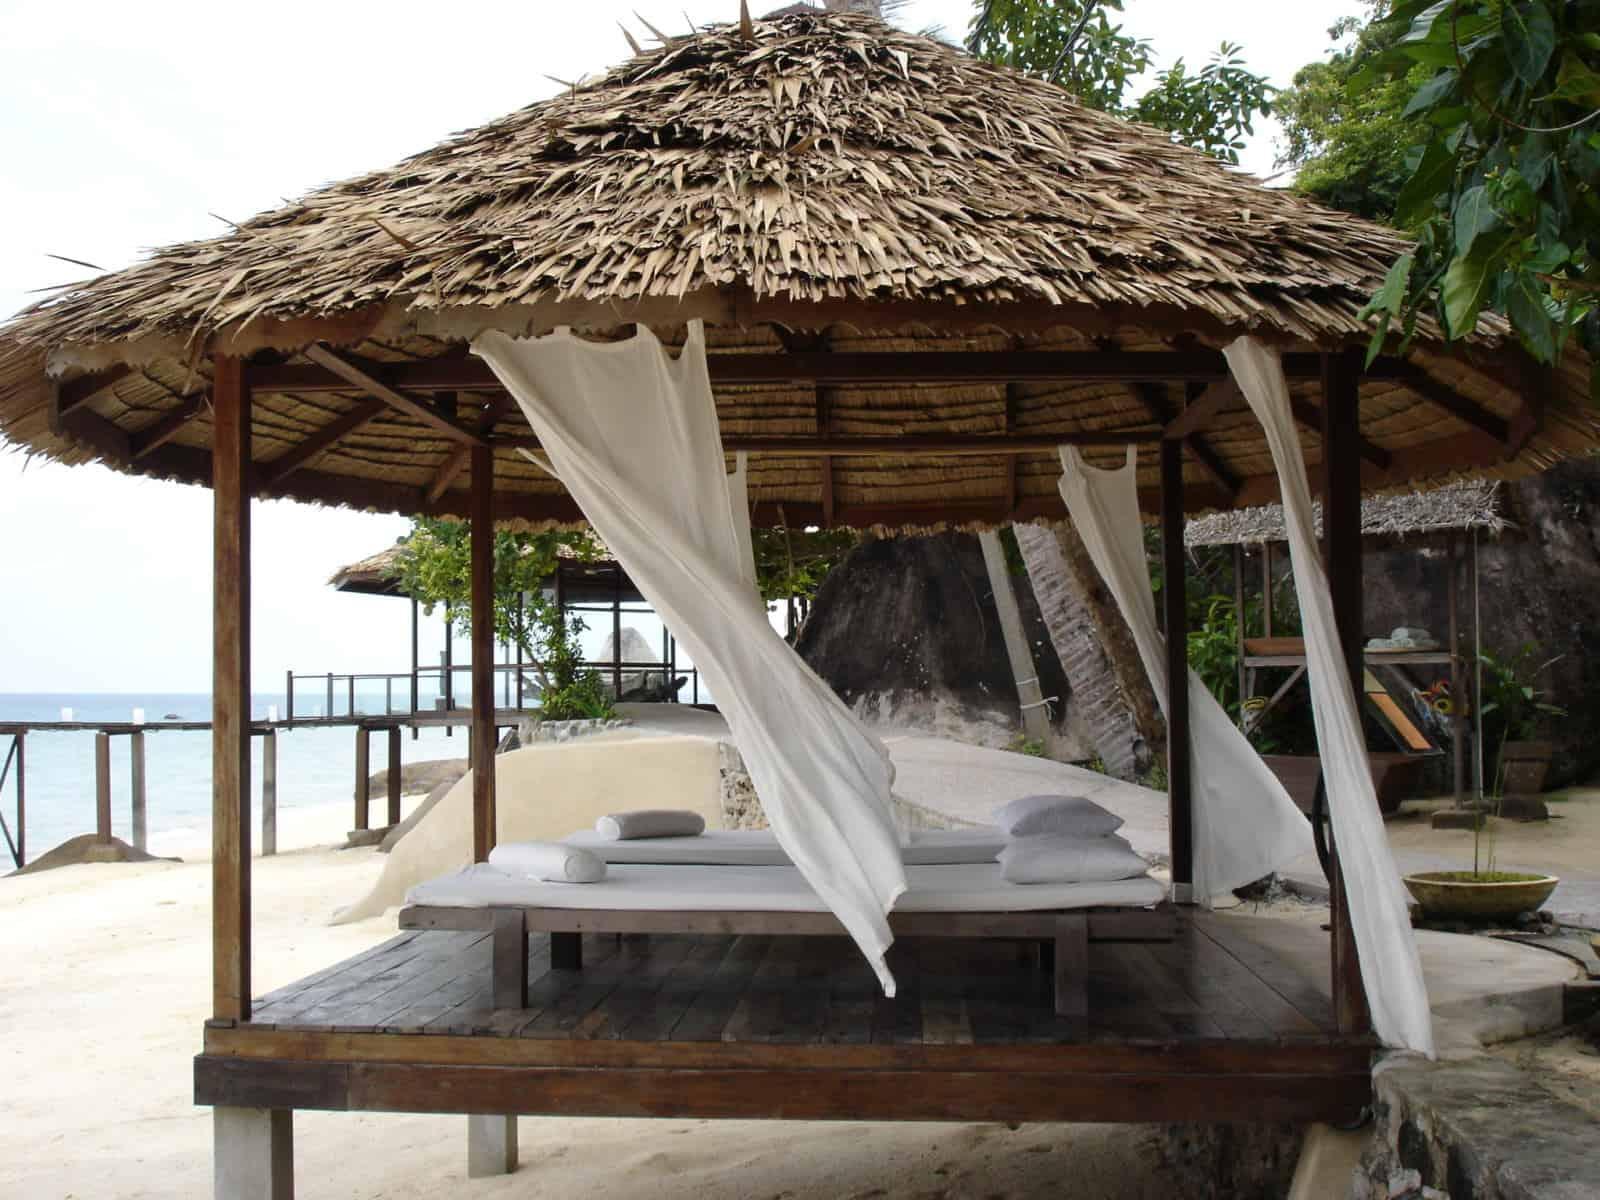 Japa Mala Resort | My Travel Monkey